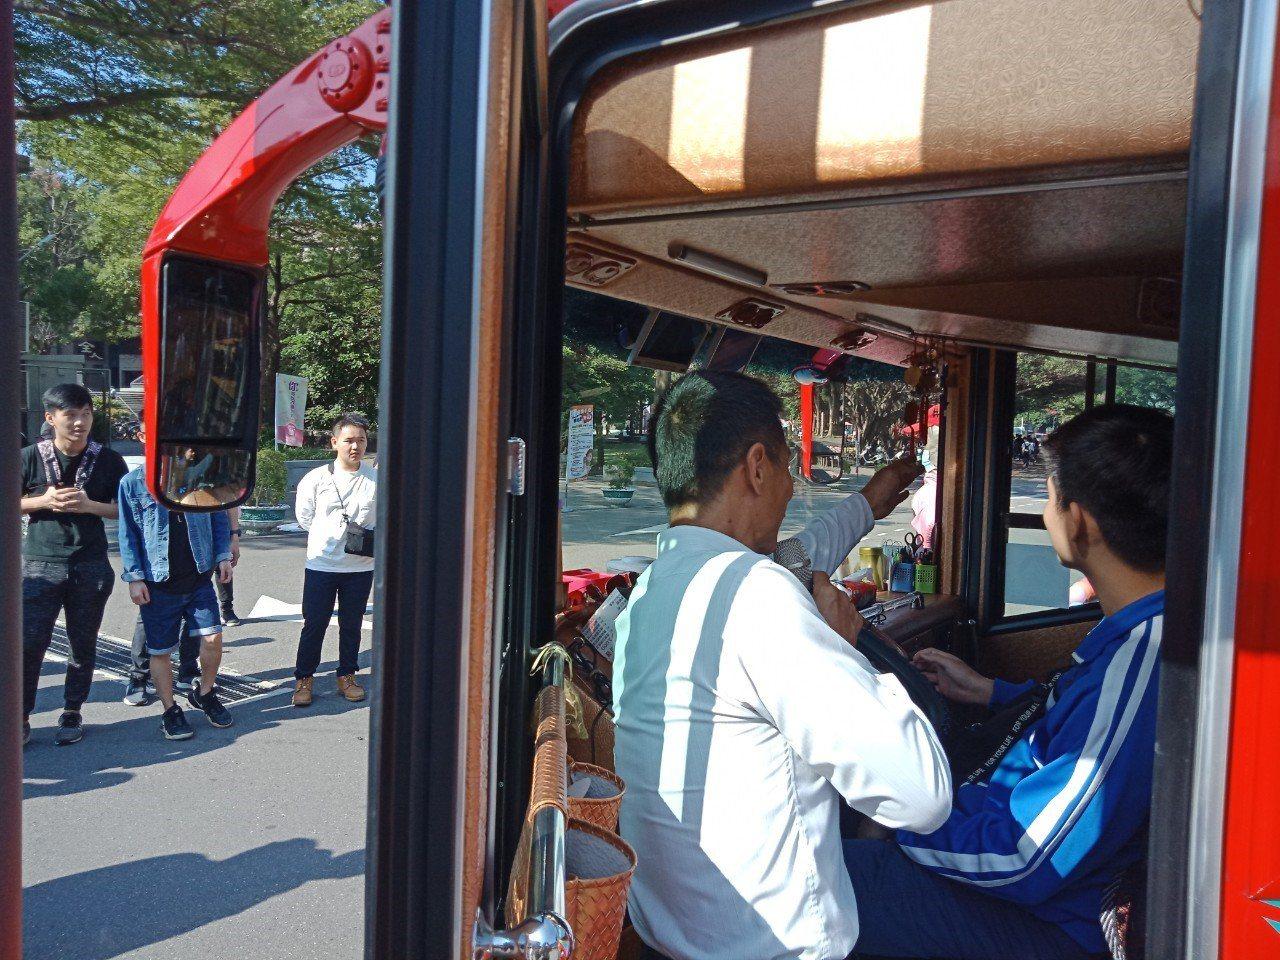 中原學生坐上遊覽車駕駛座,親身體驗大車視野死角及內輪差區。圖/中原大學提供